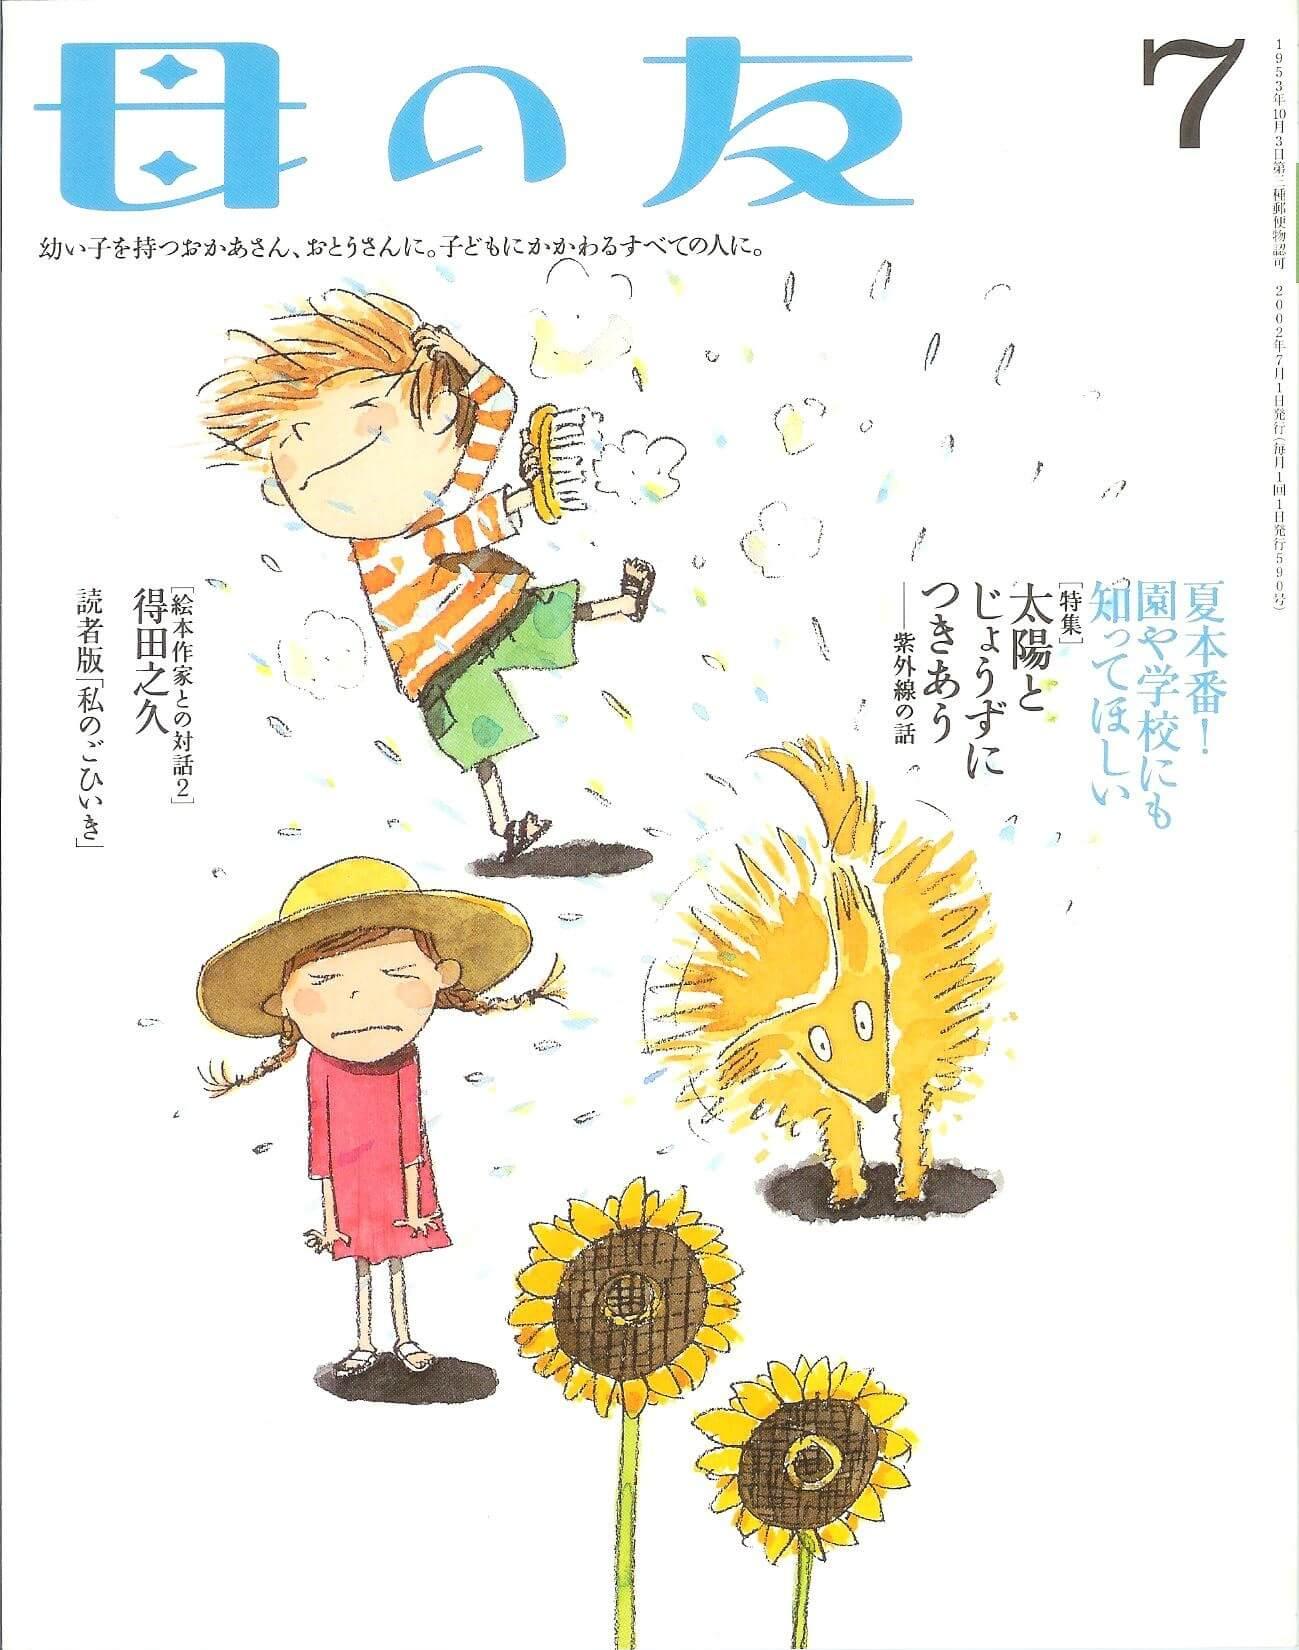 母の友 2002年7月号 590号 絵本作家との対話:得田之久